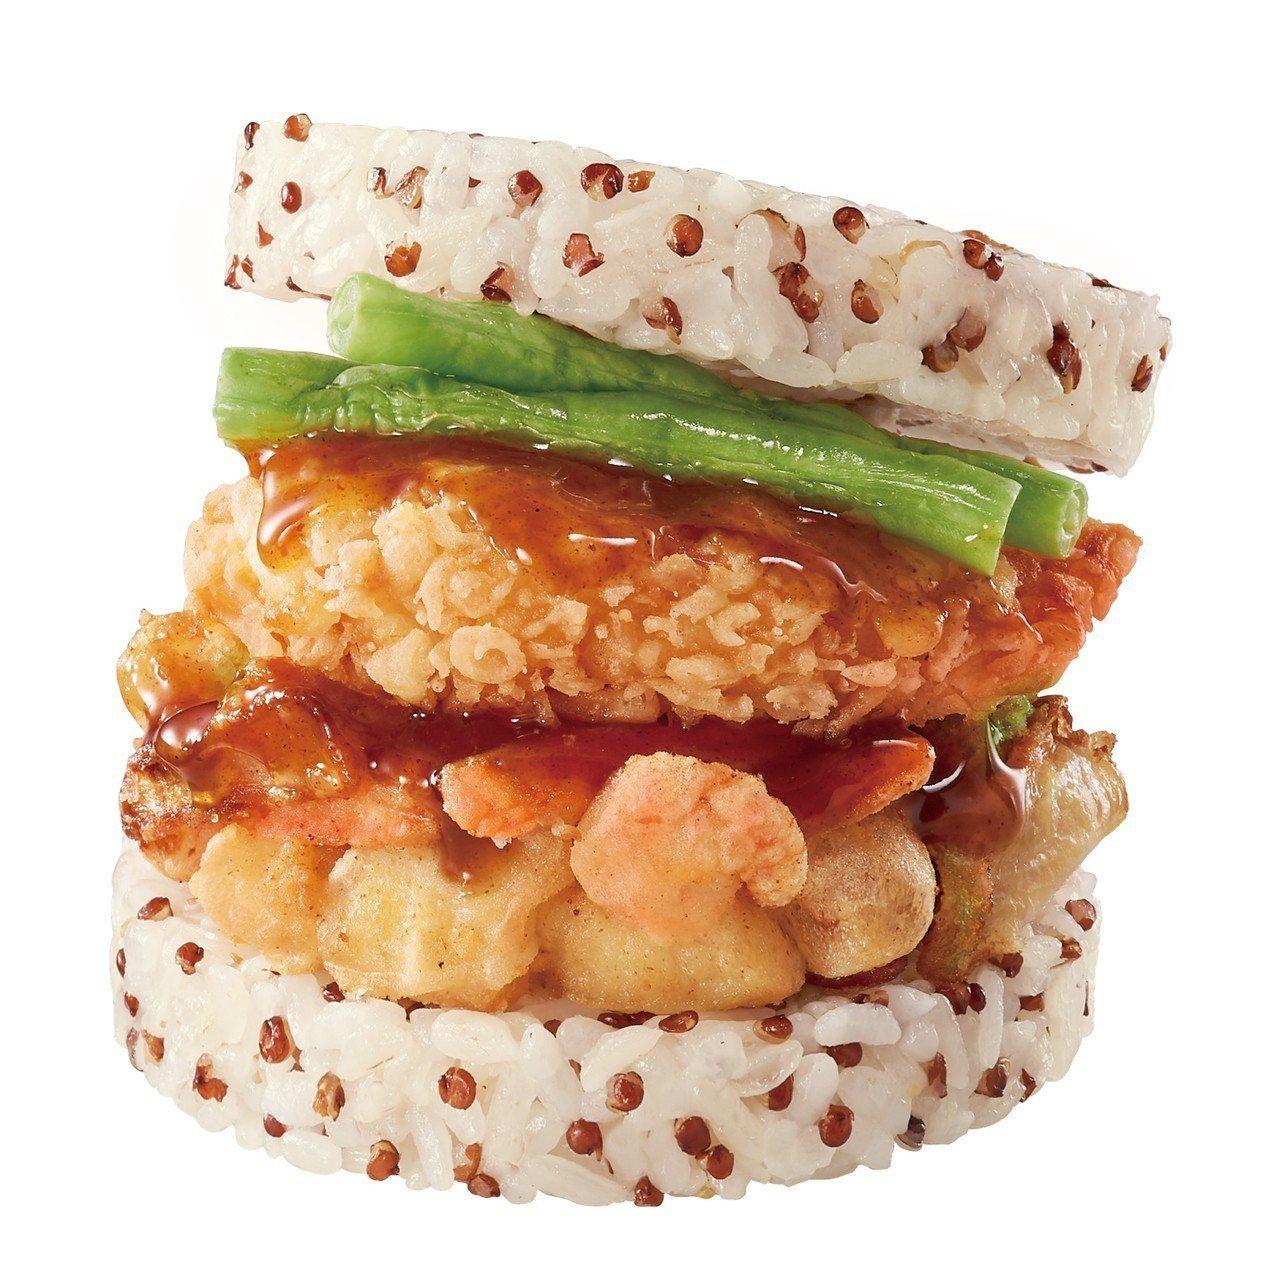 天丼珍珠堡,售價110元。圖/摩斯漢堡提供